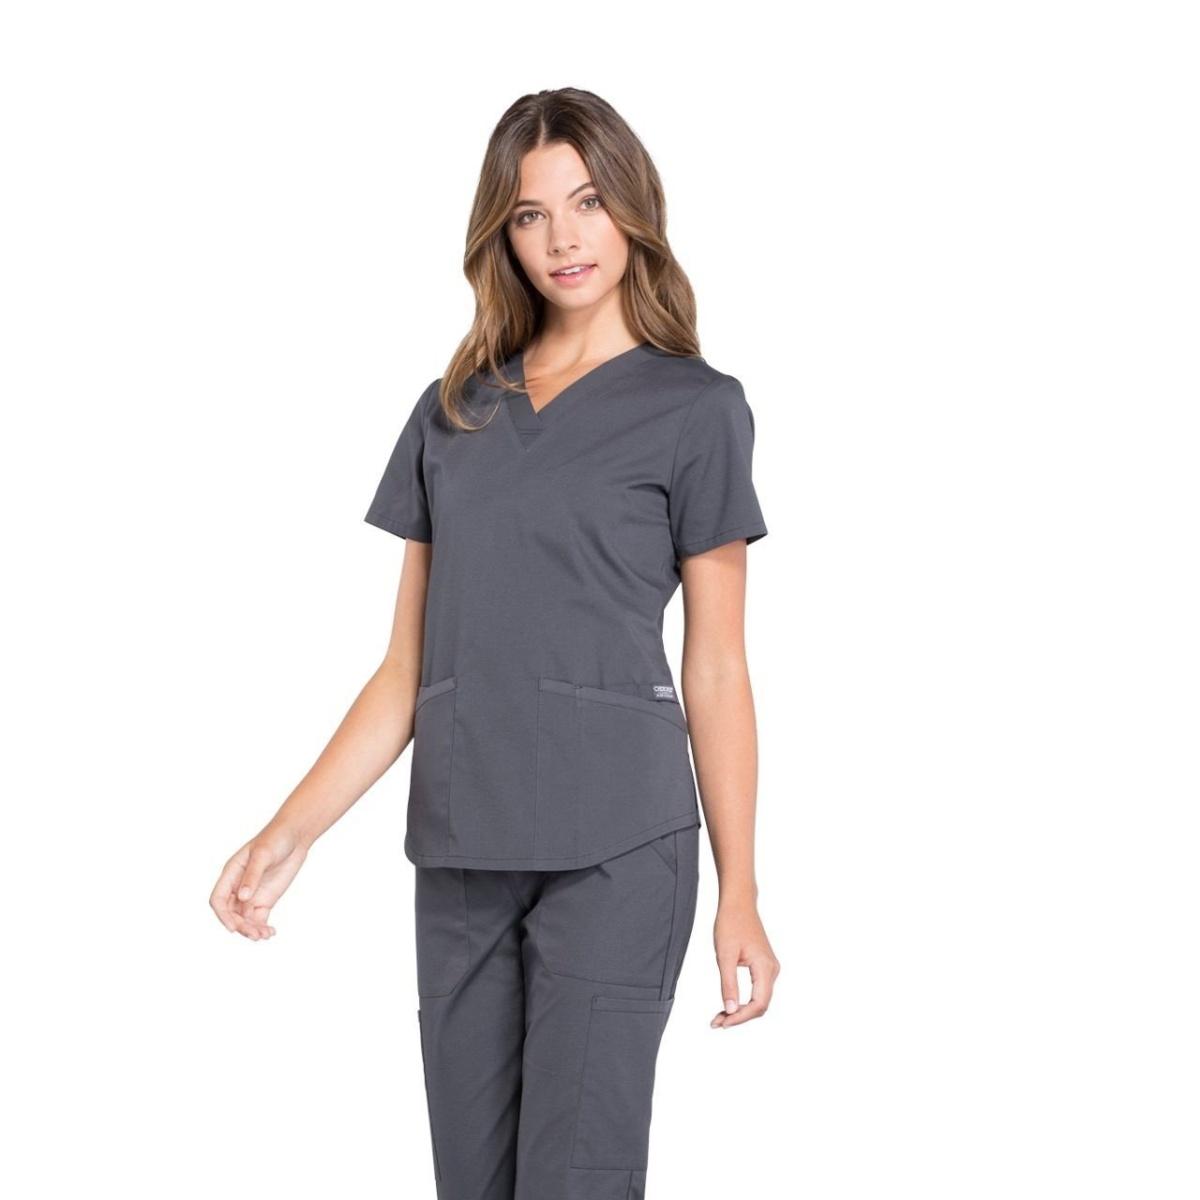 Женский медицинский костюм Professionals серый